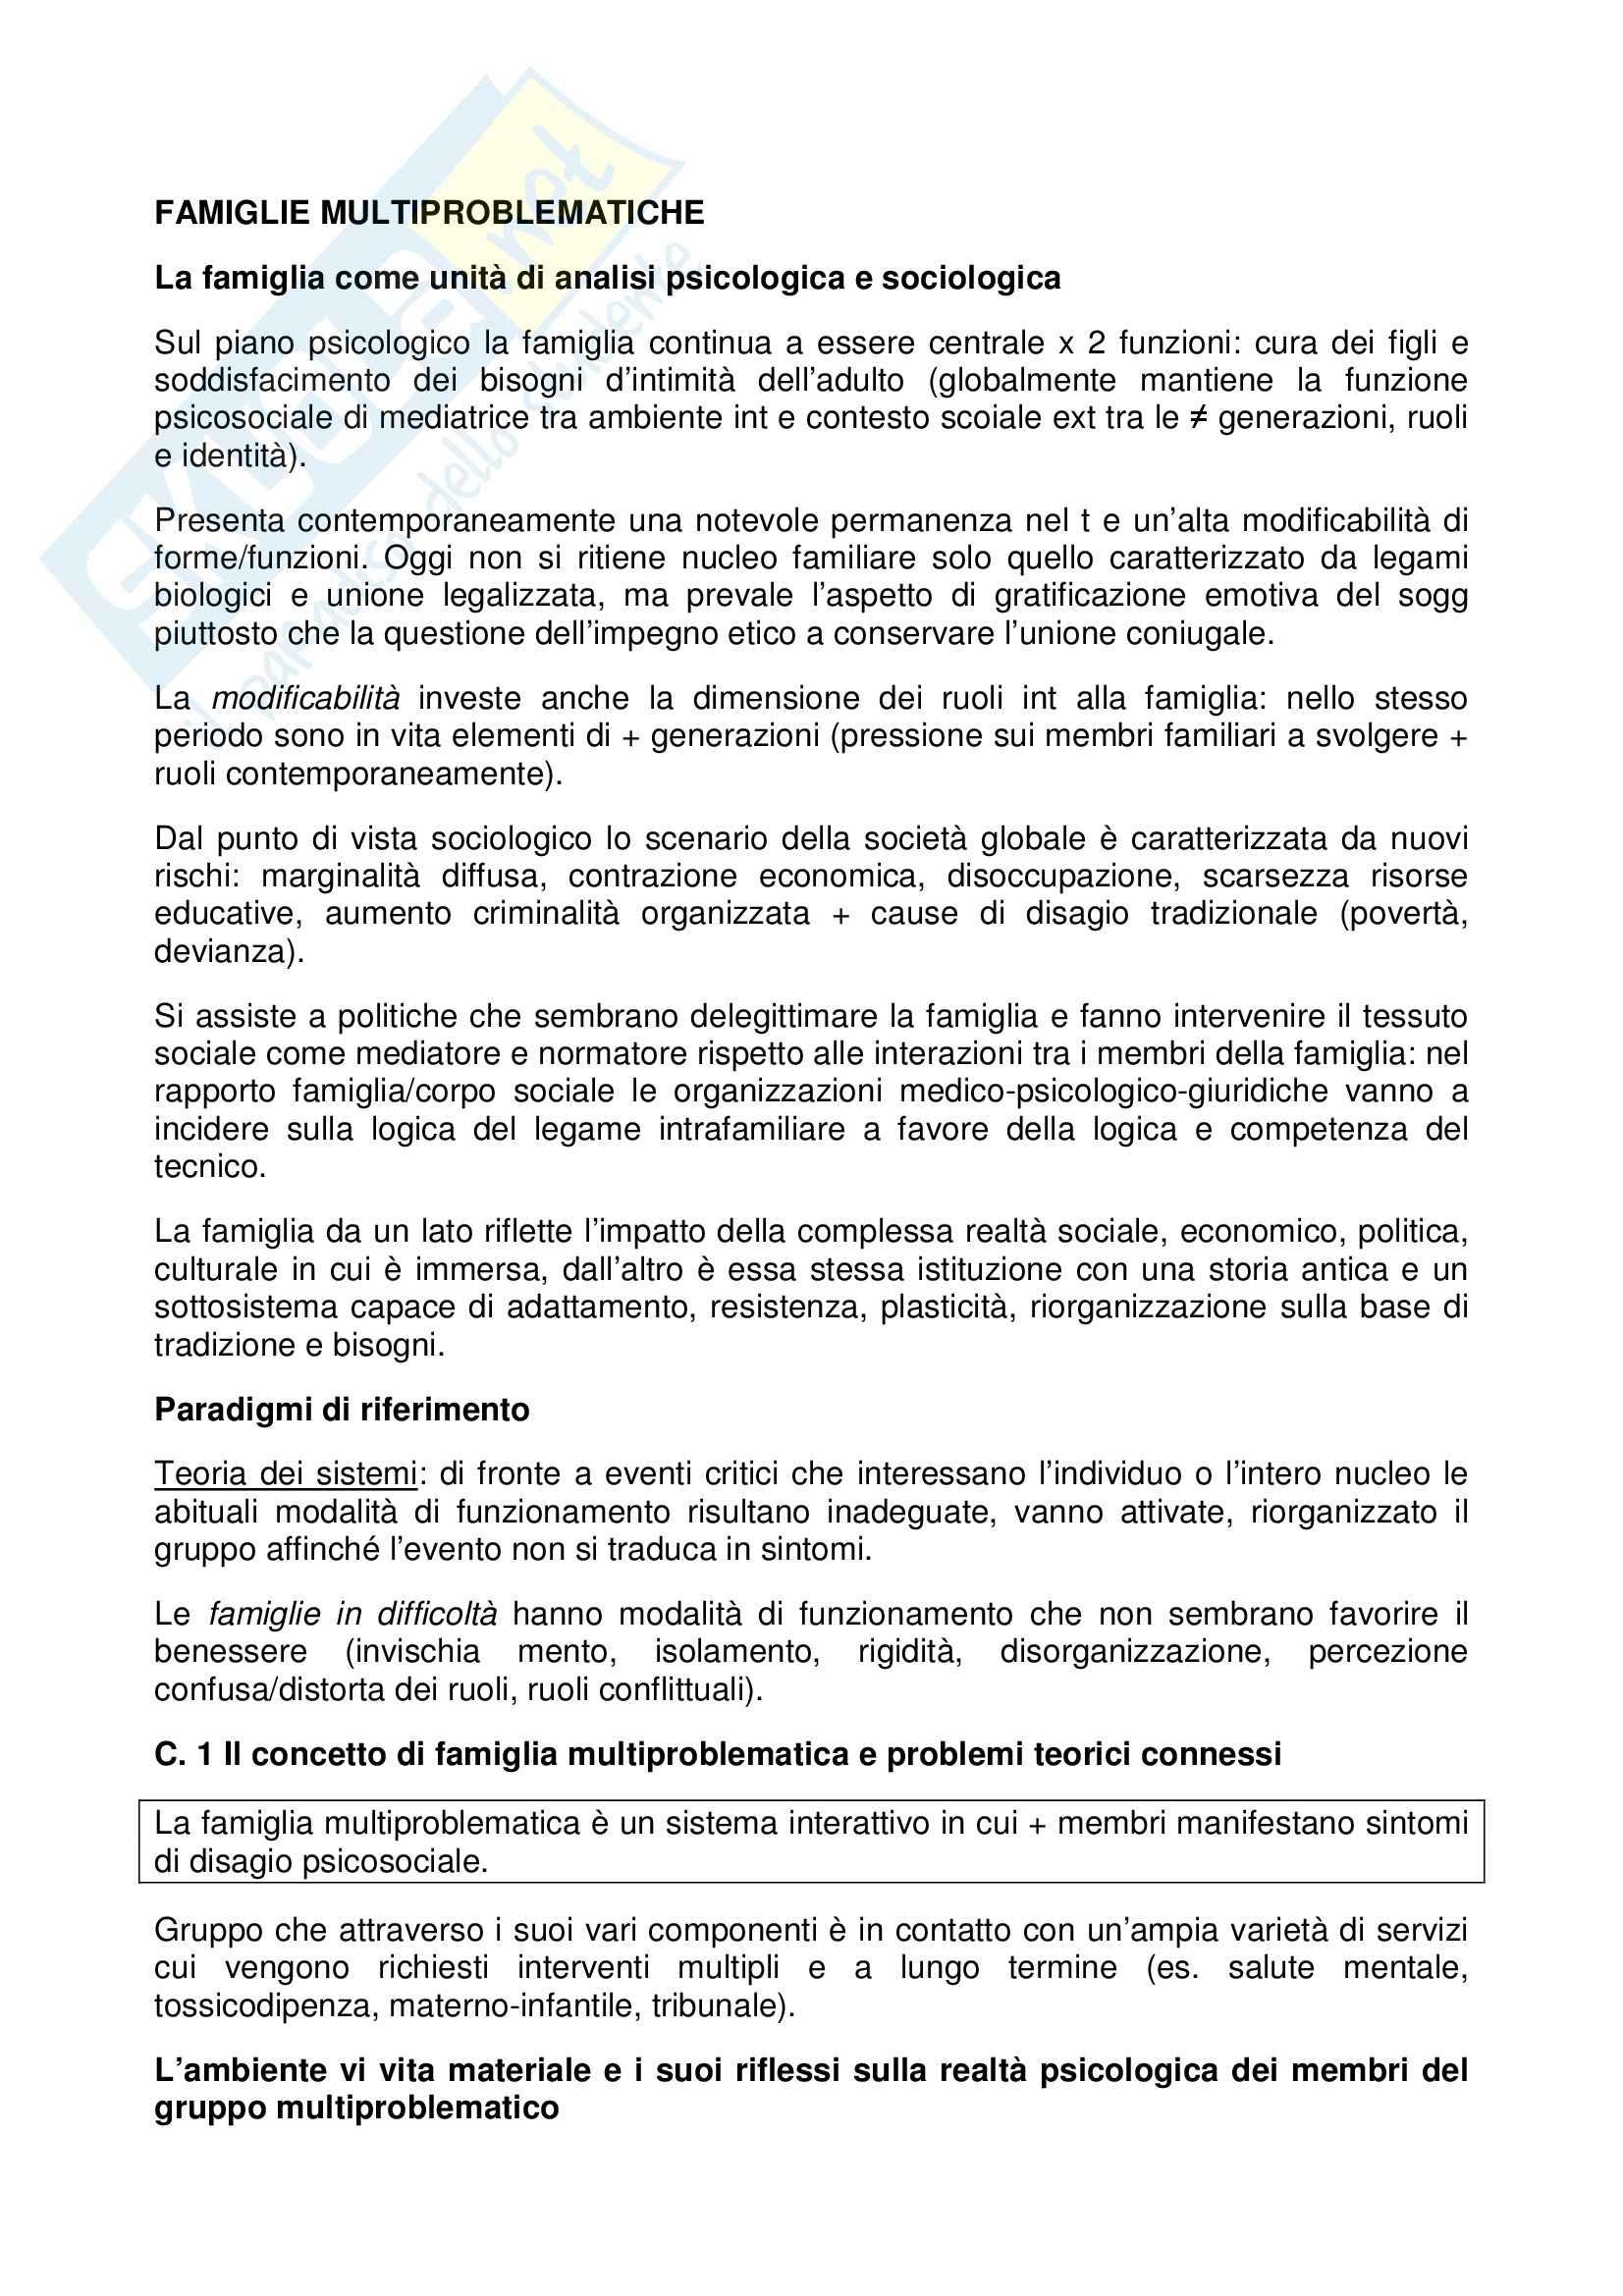 Riassunto esame Psicodinamica, prof. Arace, libro consigliato Famiglie multiproblematiche, MalagoliTogliatti, Rocchietta Tofani